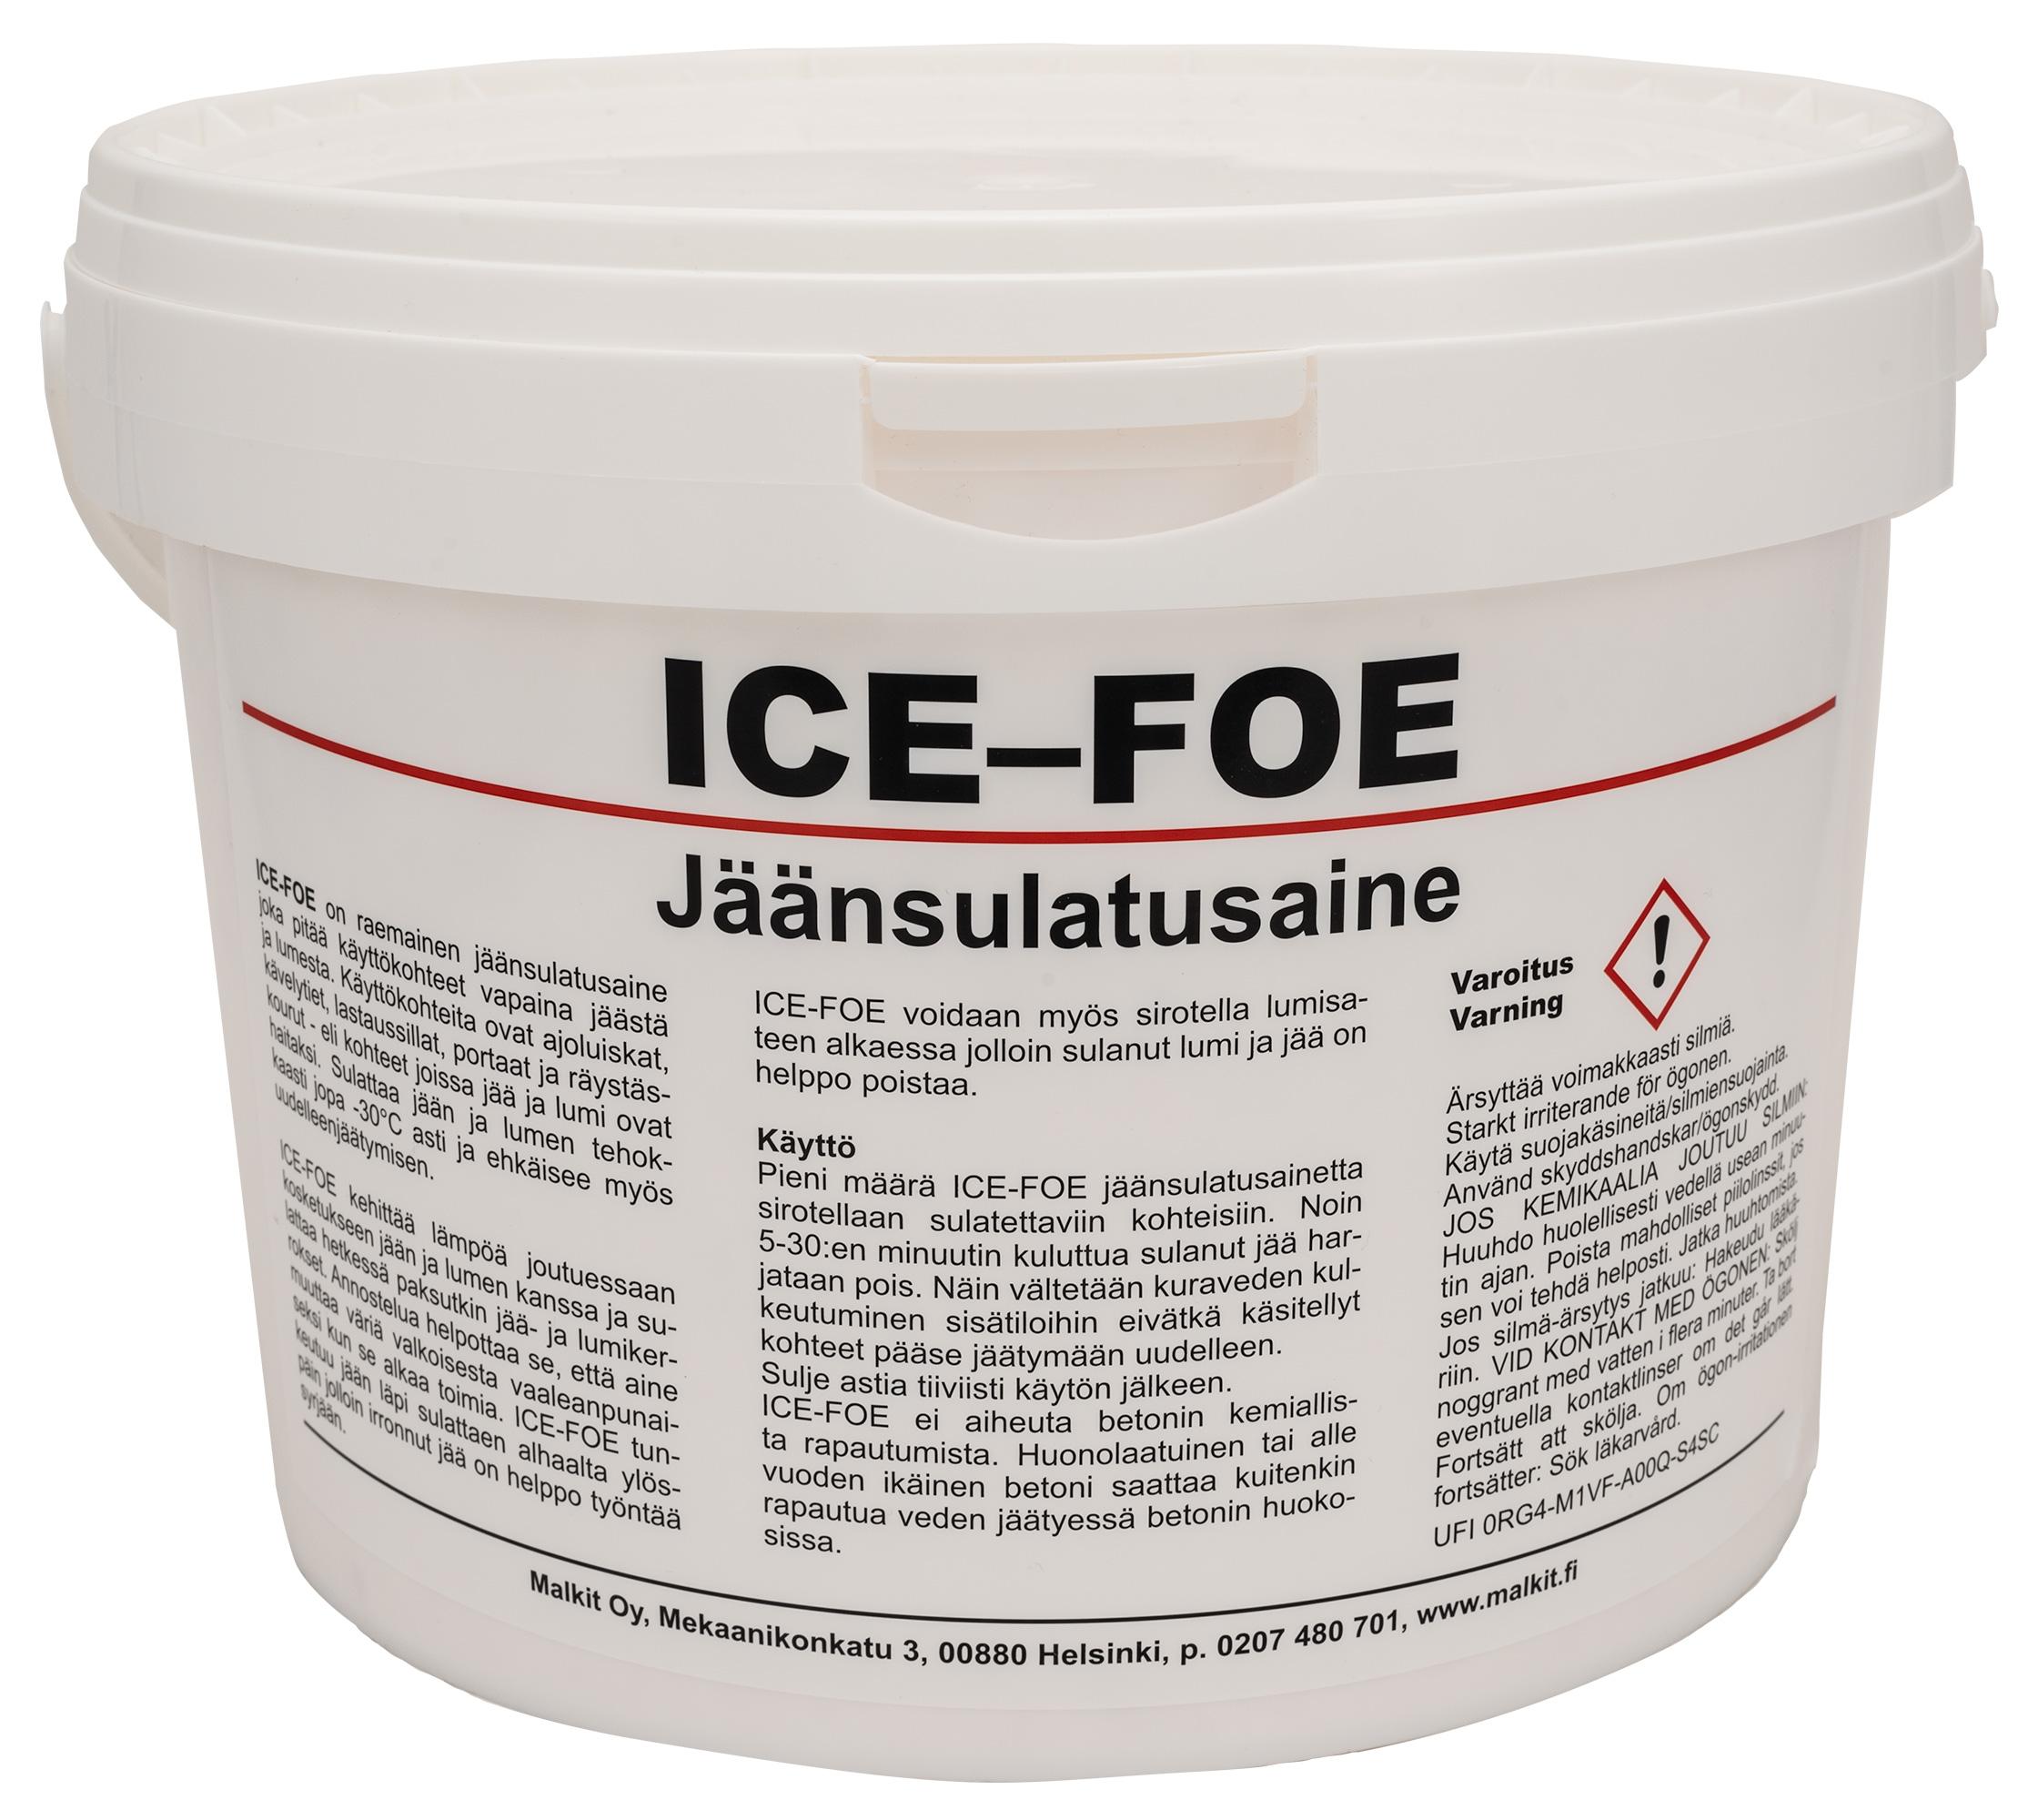 IceFoe